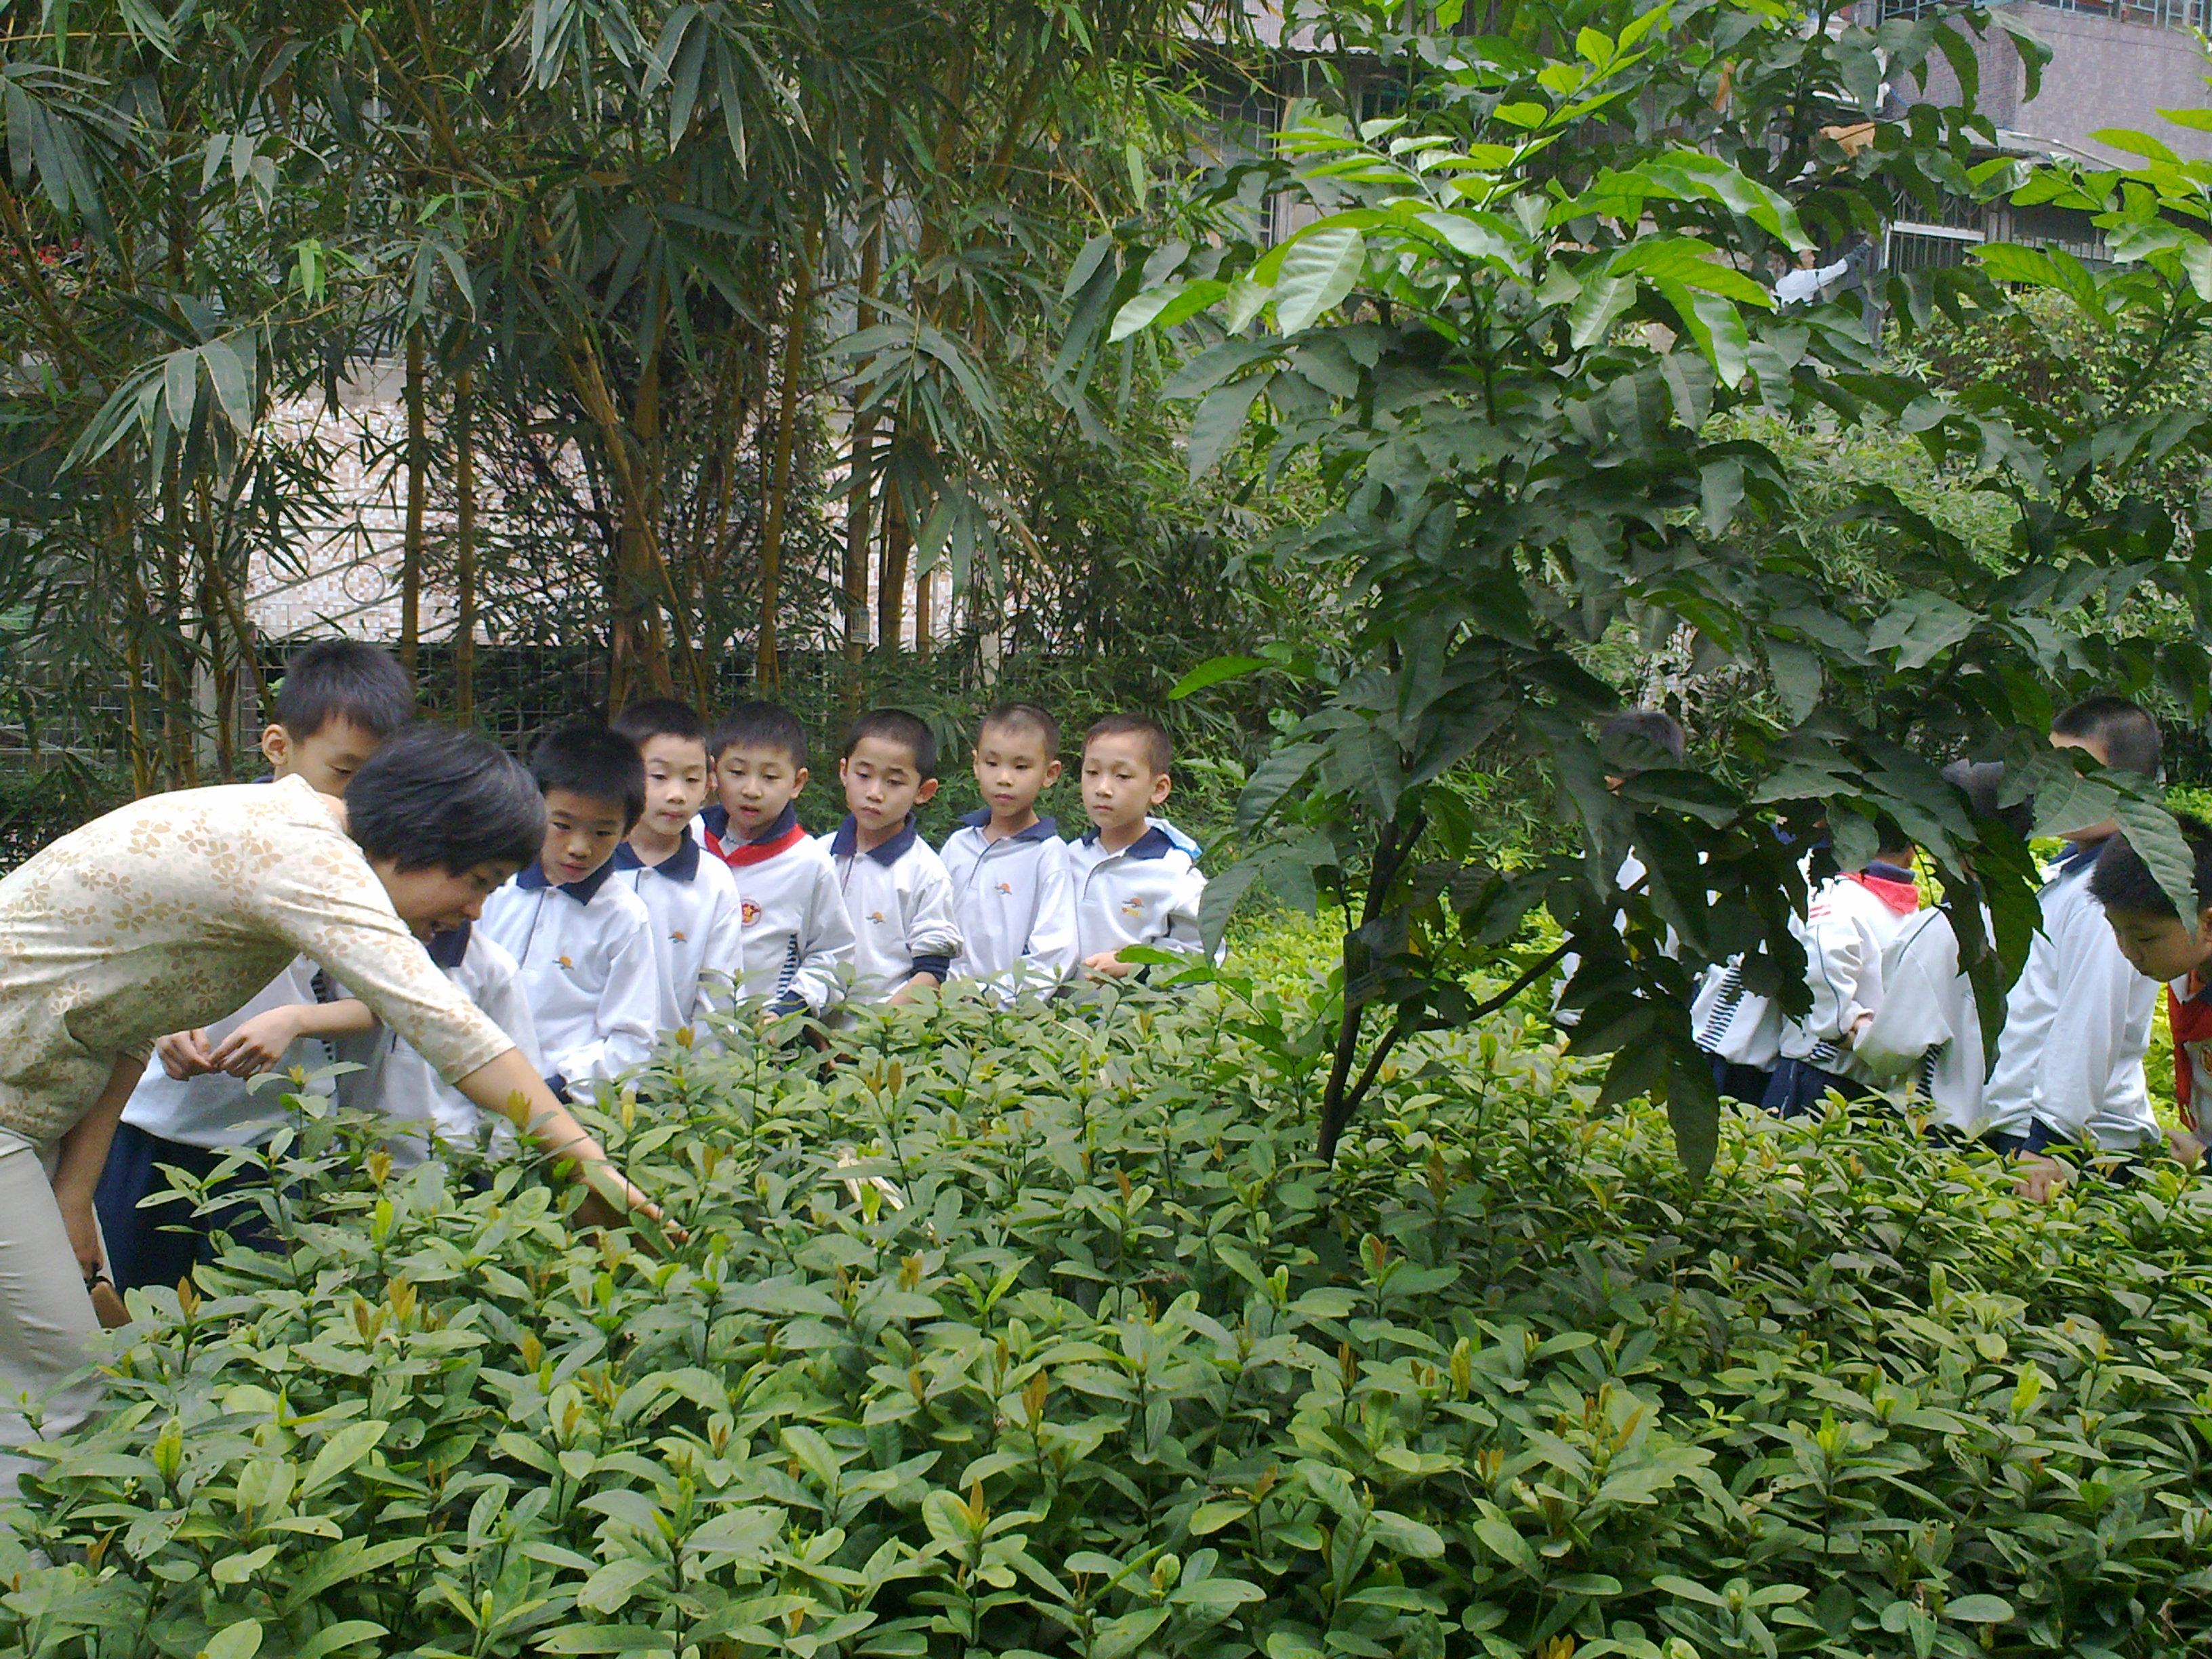 School children in a garden with their teacher